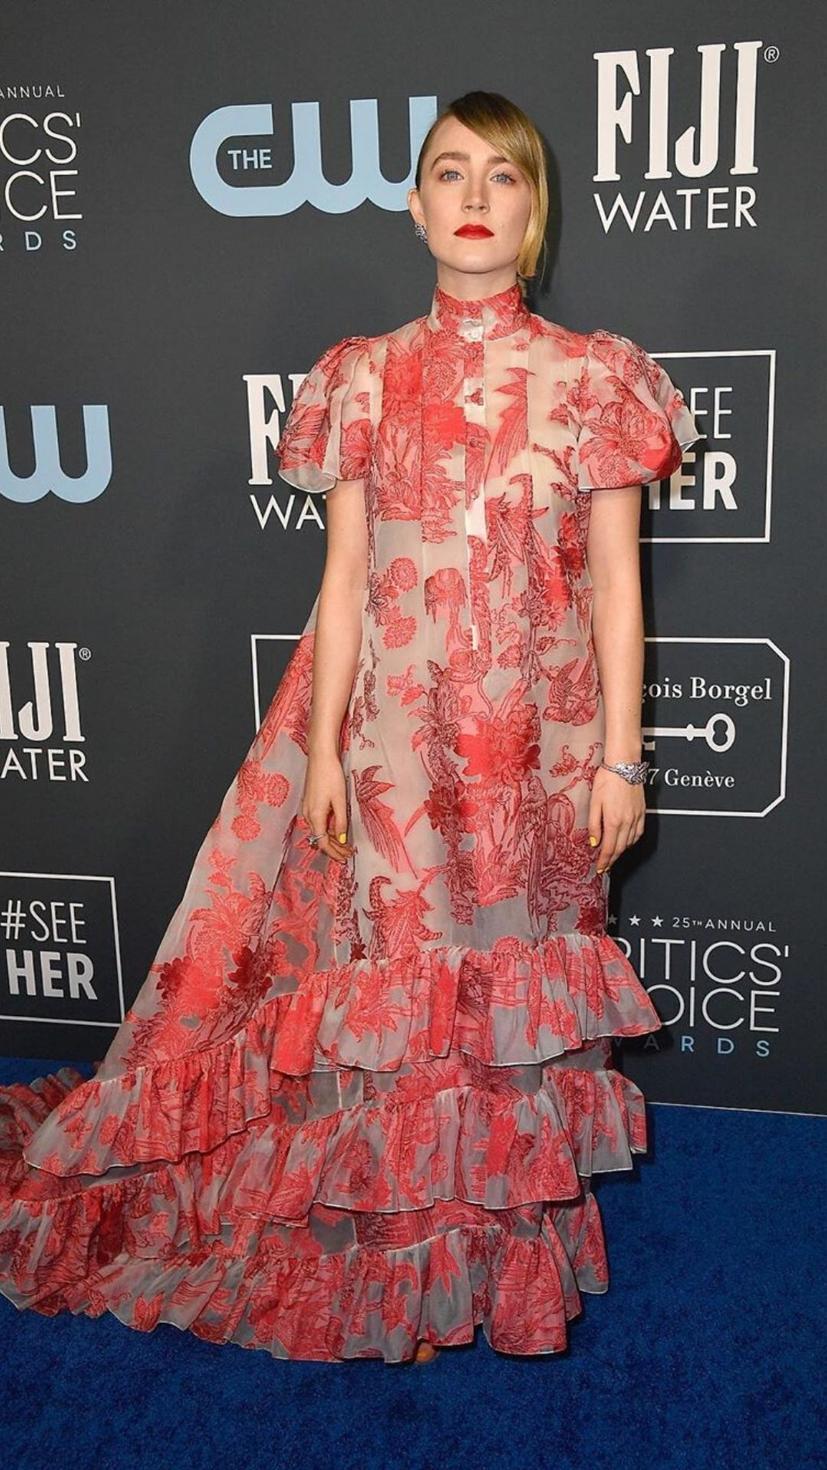 Saoirse Ronan wears a floral Erdem dress and Tamara Mellon heeled sandals.